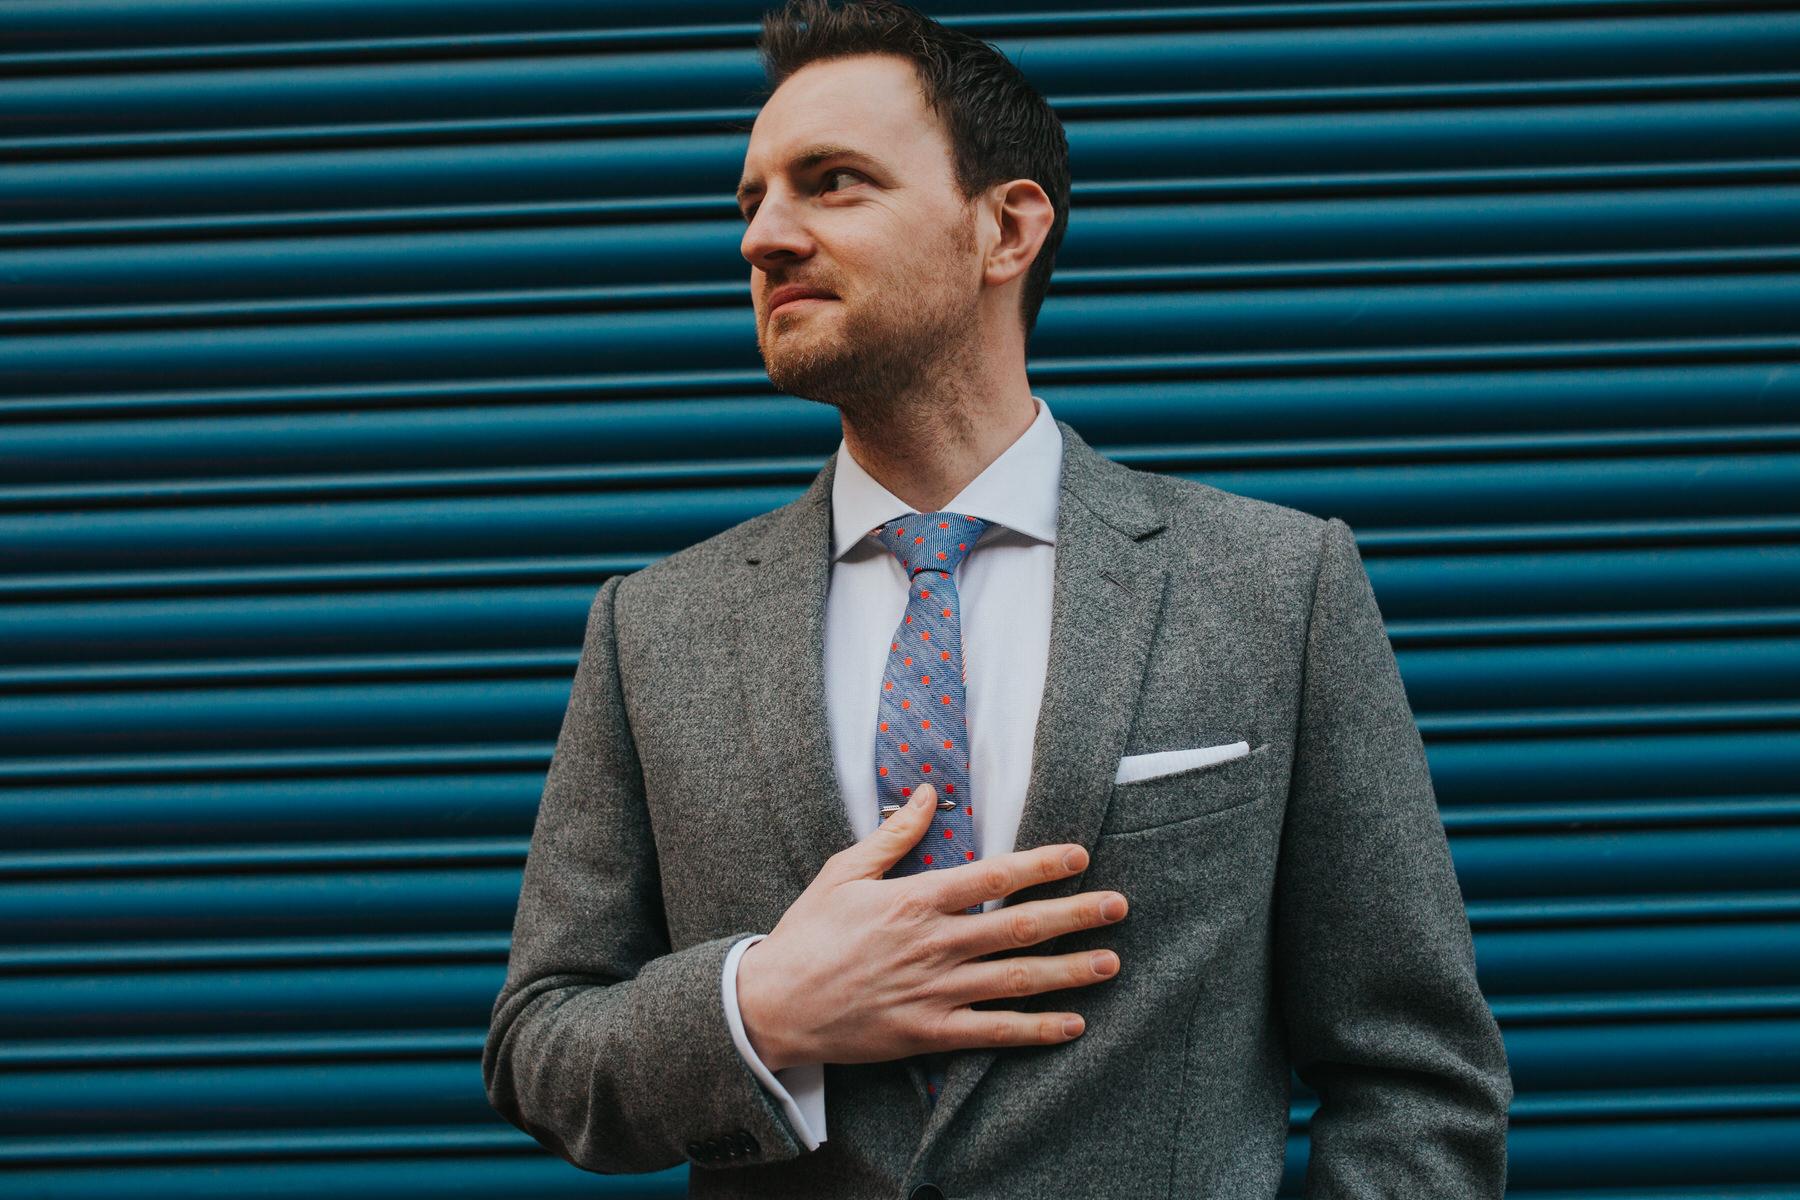 76-groom wedding attire blue metal door.jpg